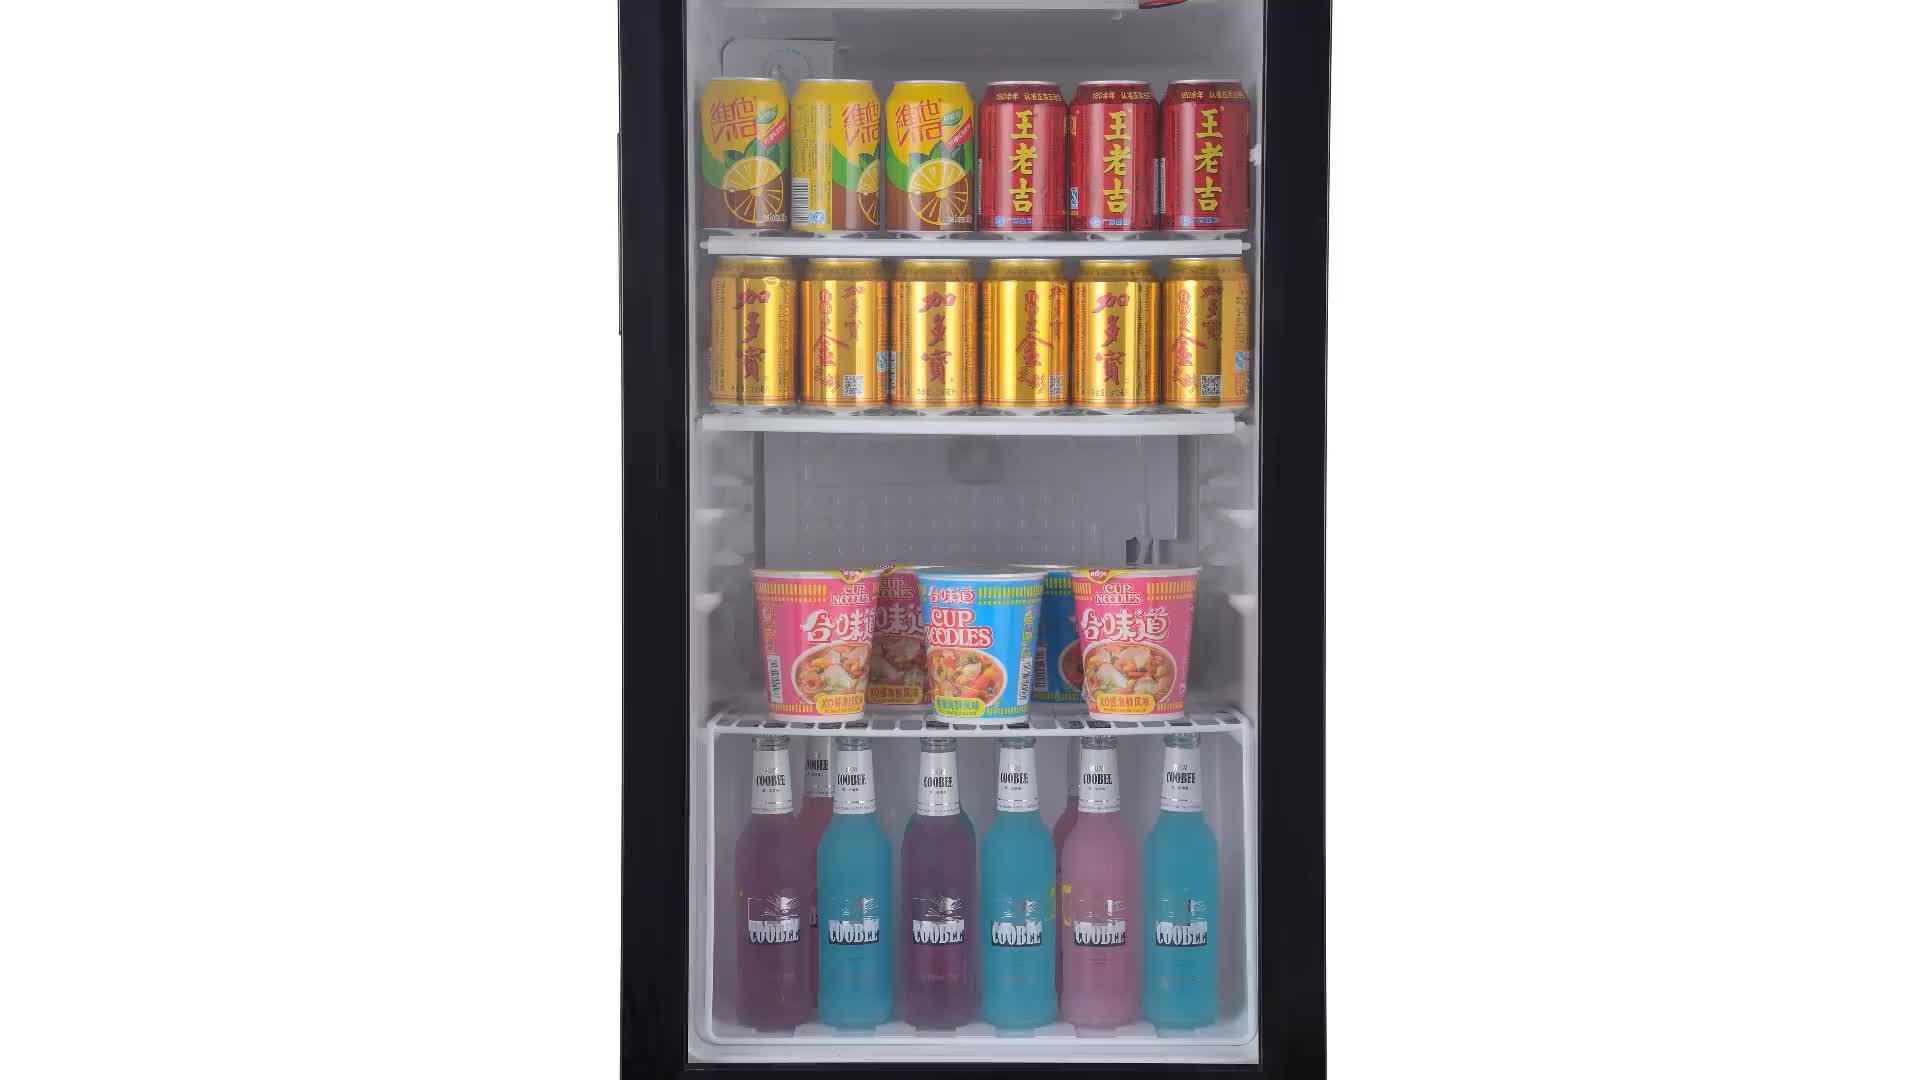 Mini Kühlschrank Mit Gefrierfach Schwarz : Minibar kühlschrank minibar kühlschrank weiß exquisit kb a